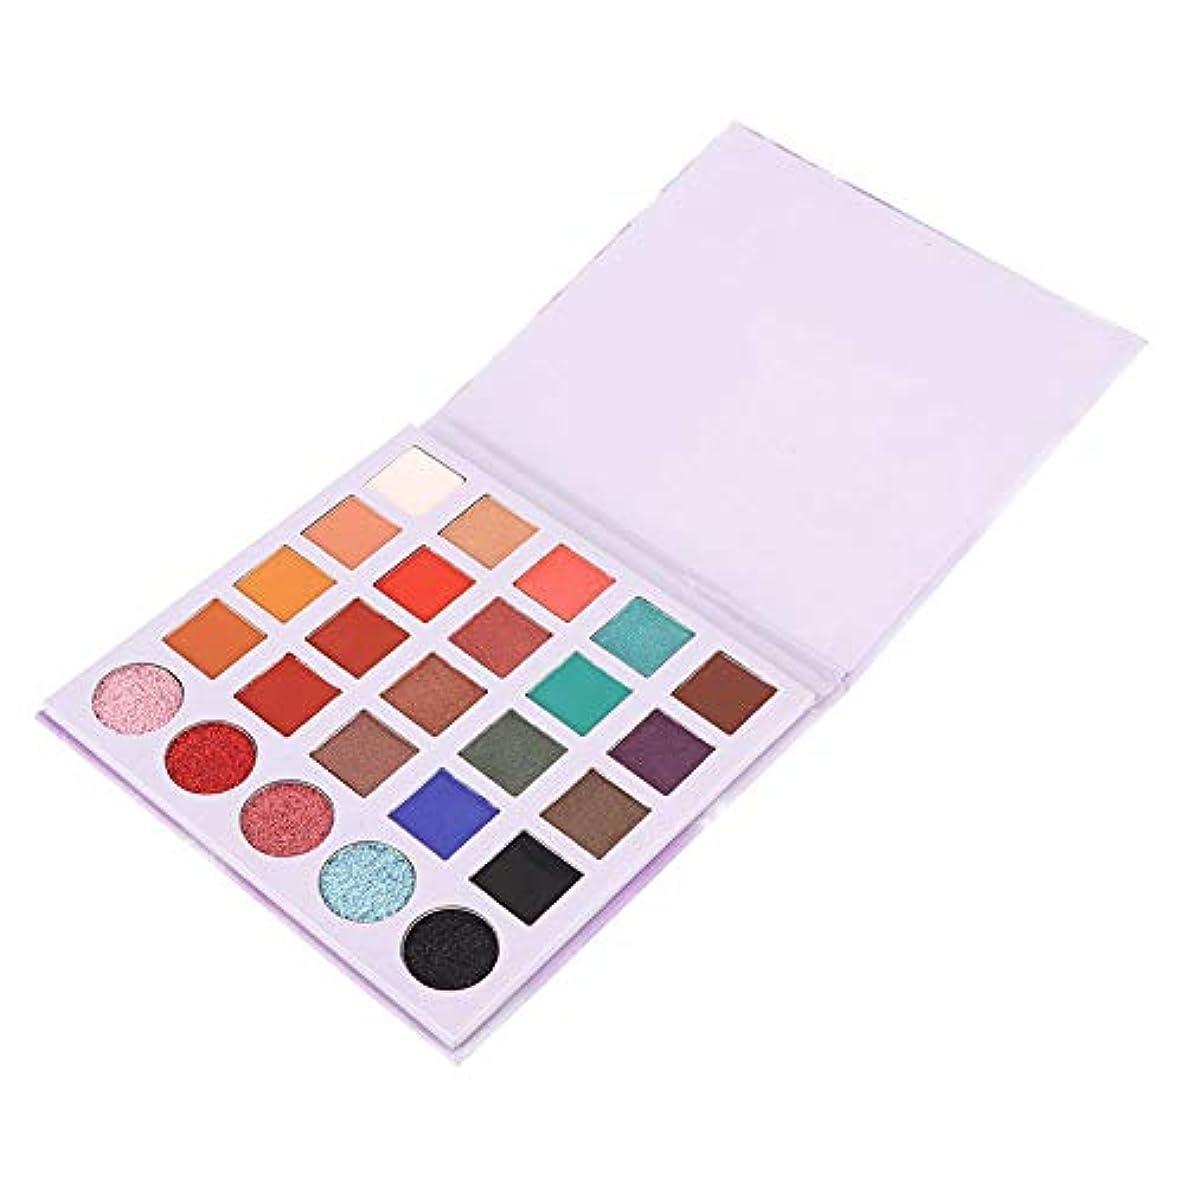 エミュレートする補体空気アイシャドウパレット 25色 アイシャドウパレット 化粧 マットグロスアイシャドウパウダー 化粧品ツール